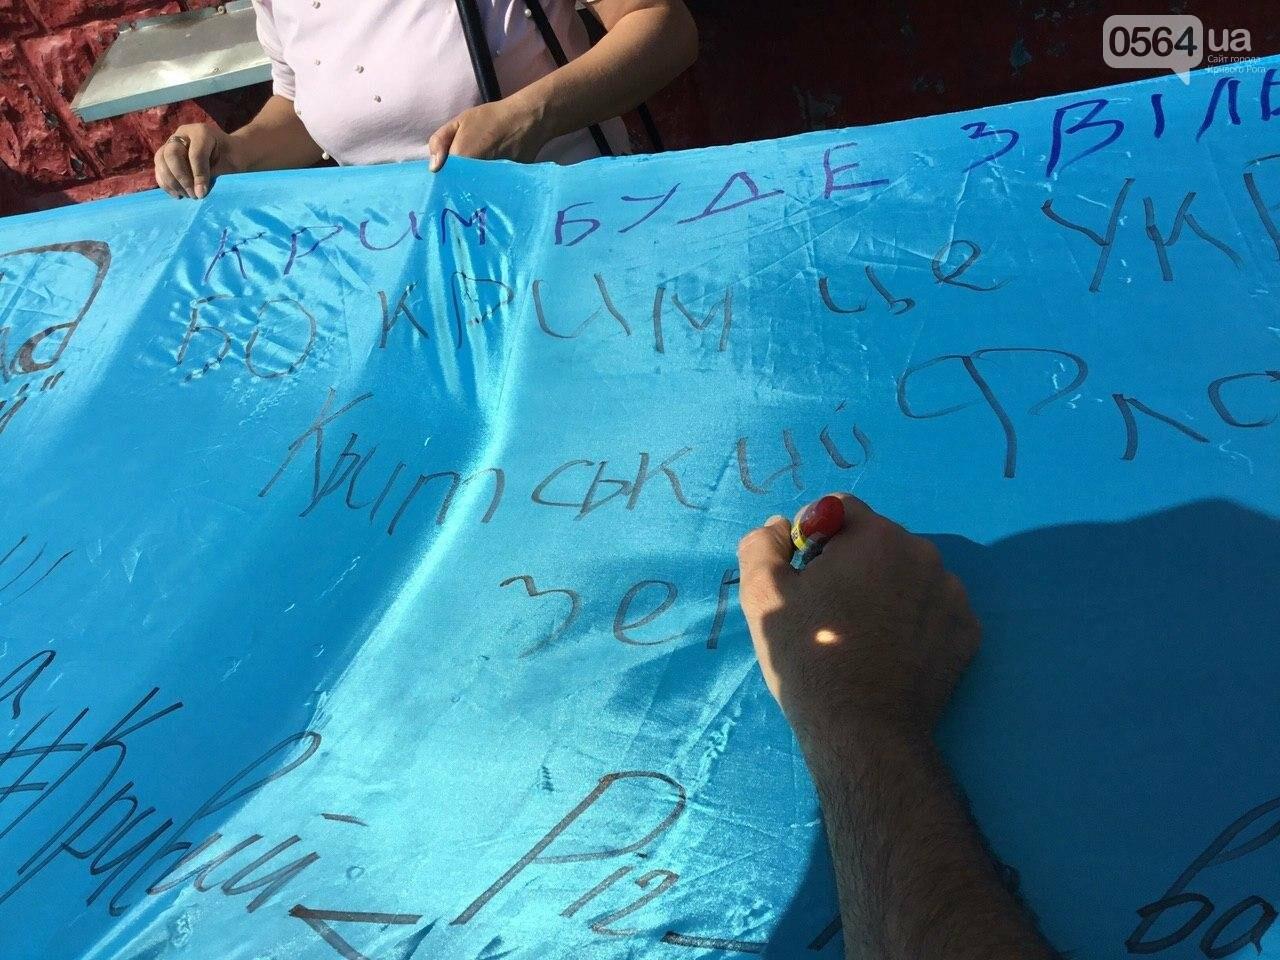 """""""Українці - брати, Разом ми - сила!"""", - какие пожелания и призывы написали криворожане на Знамени Единства, - ФОТО, ВИДЕО, фото-17"""